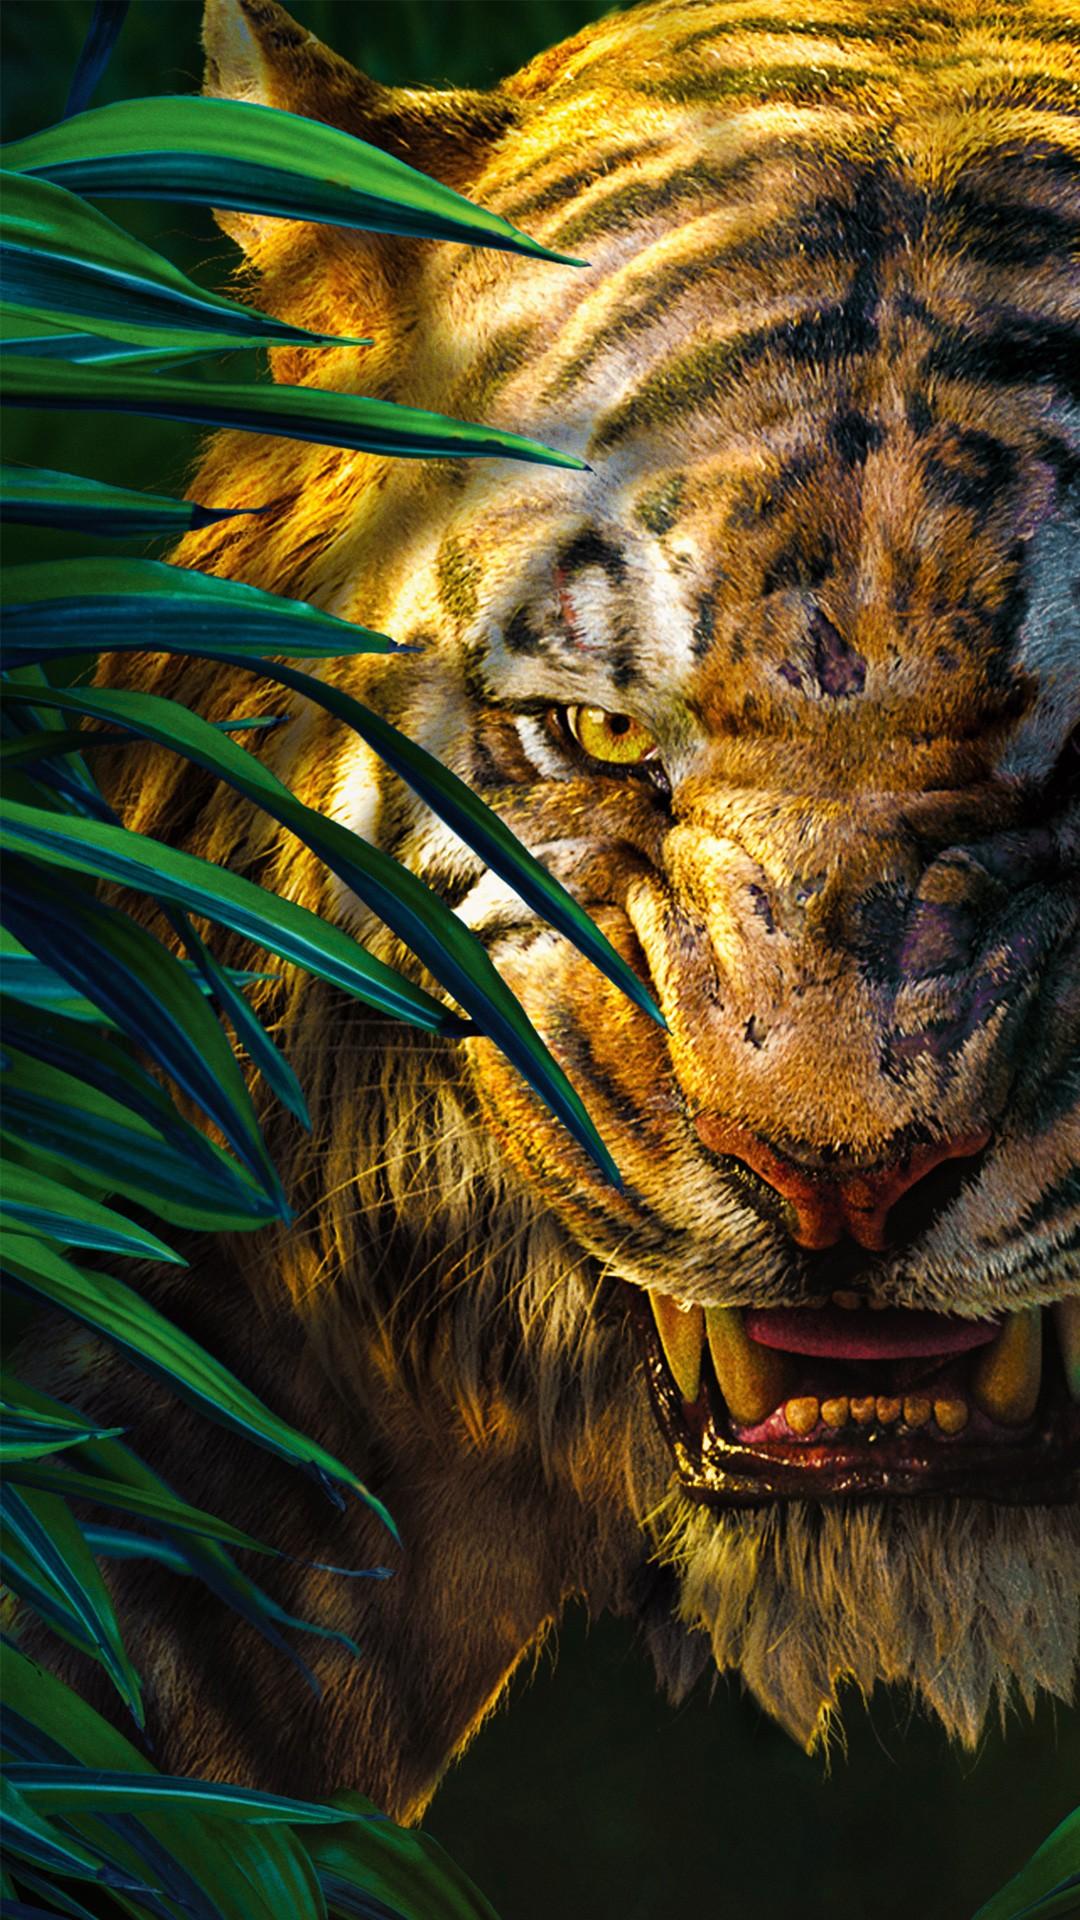 Best 3d Hd Widescreen Wallpapers Jungle Book Shere Khan 5k Wallpapers Hd Wallpapers Id